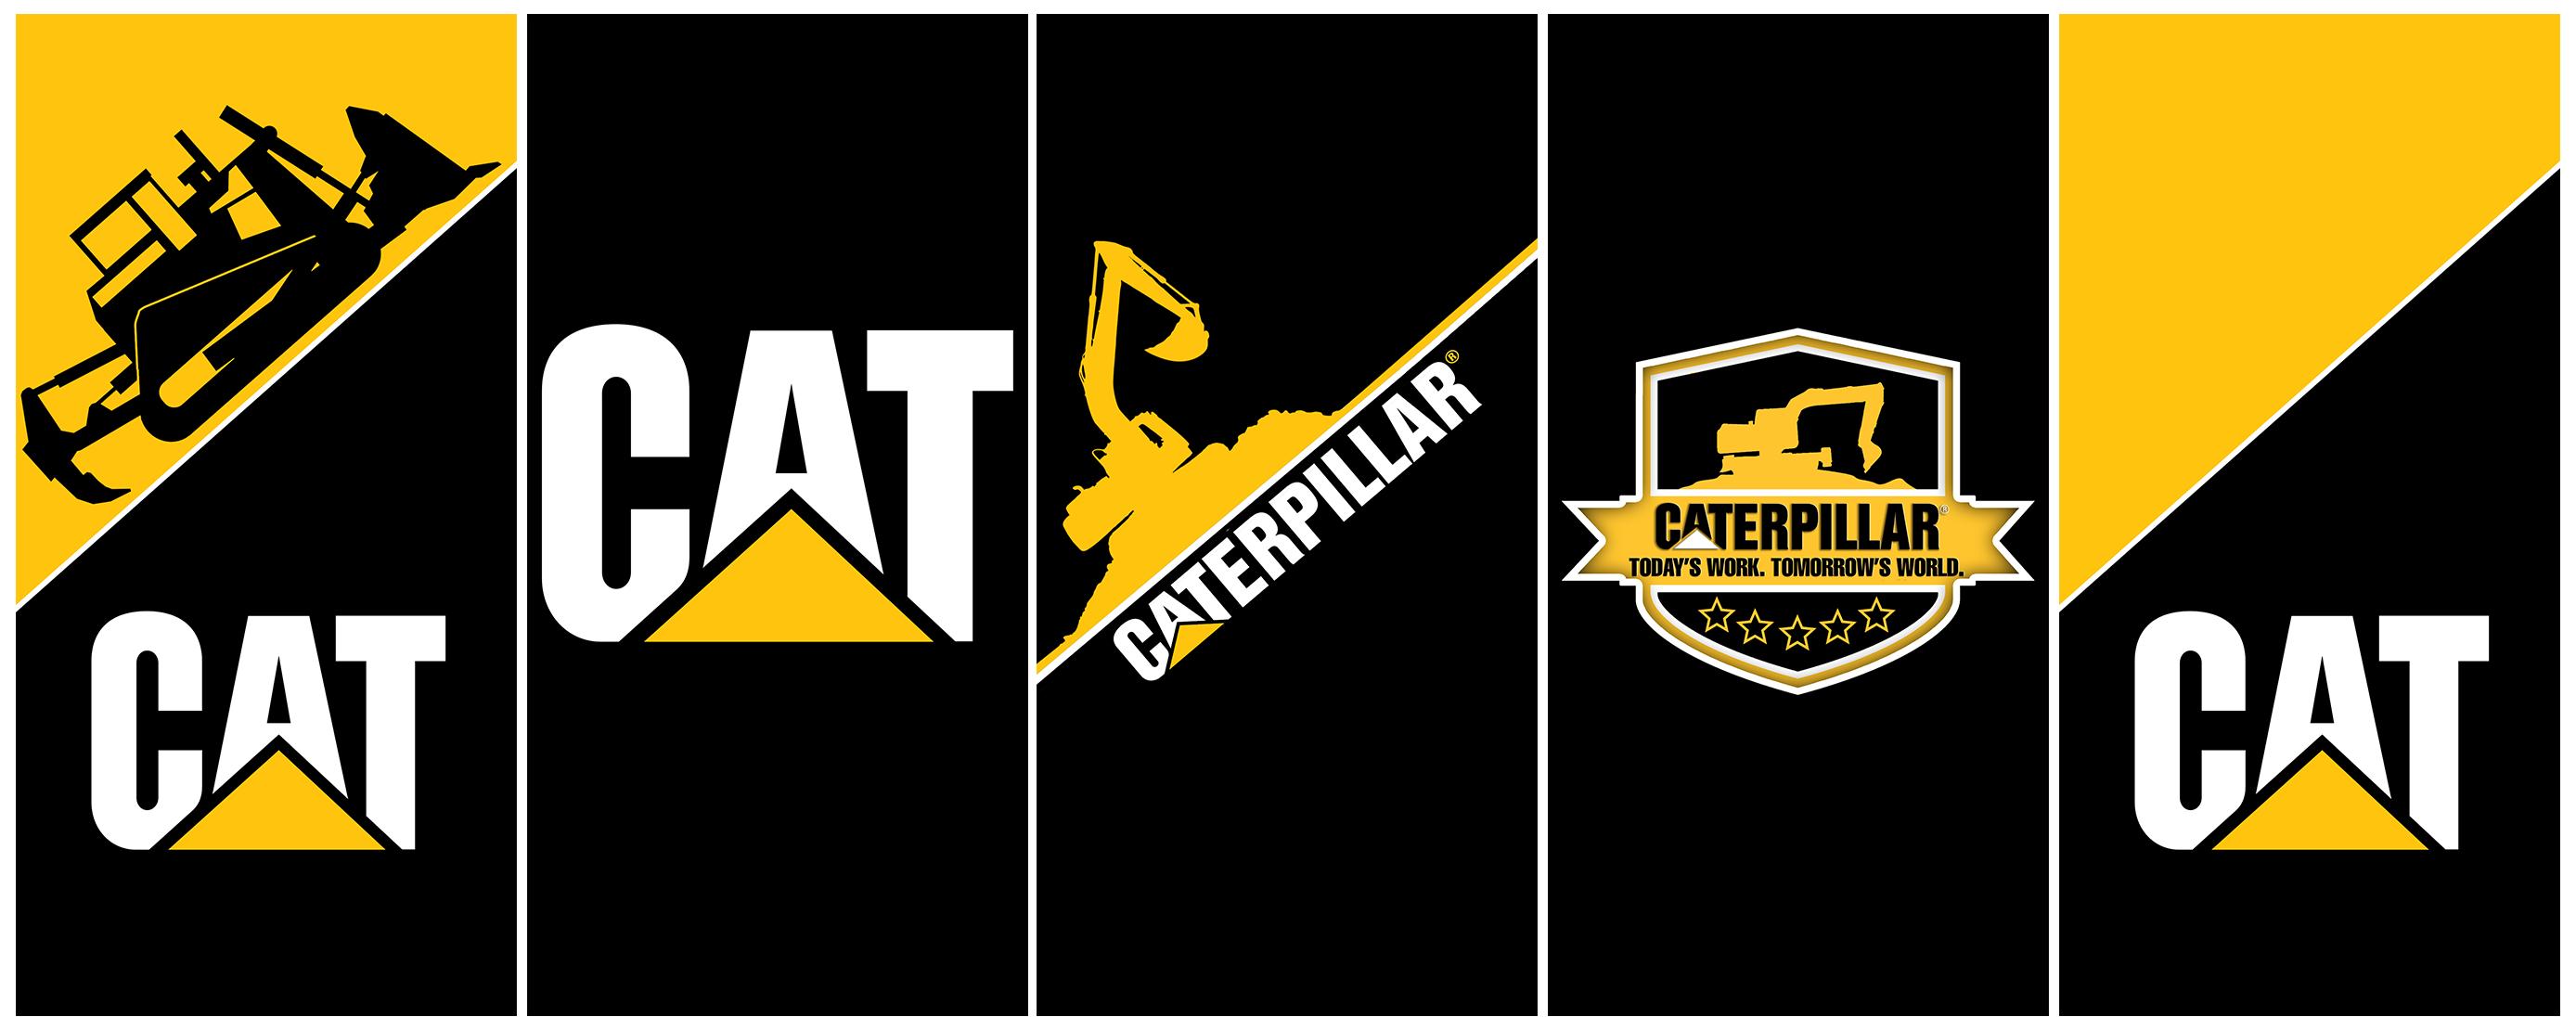 CAT heavy vehicle comapny Logo